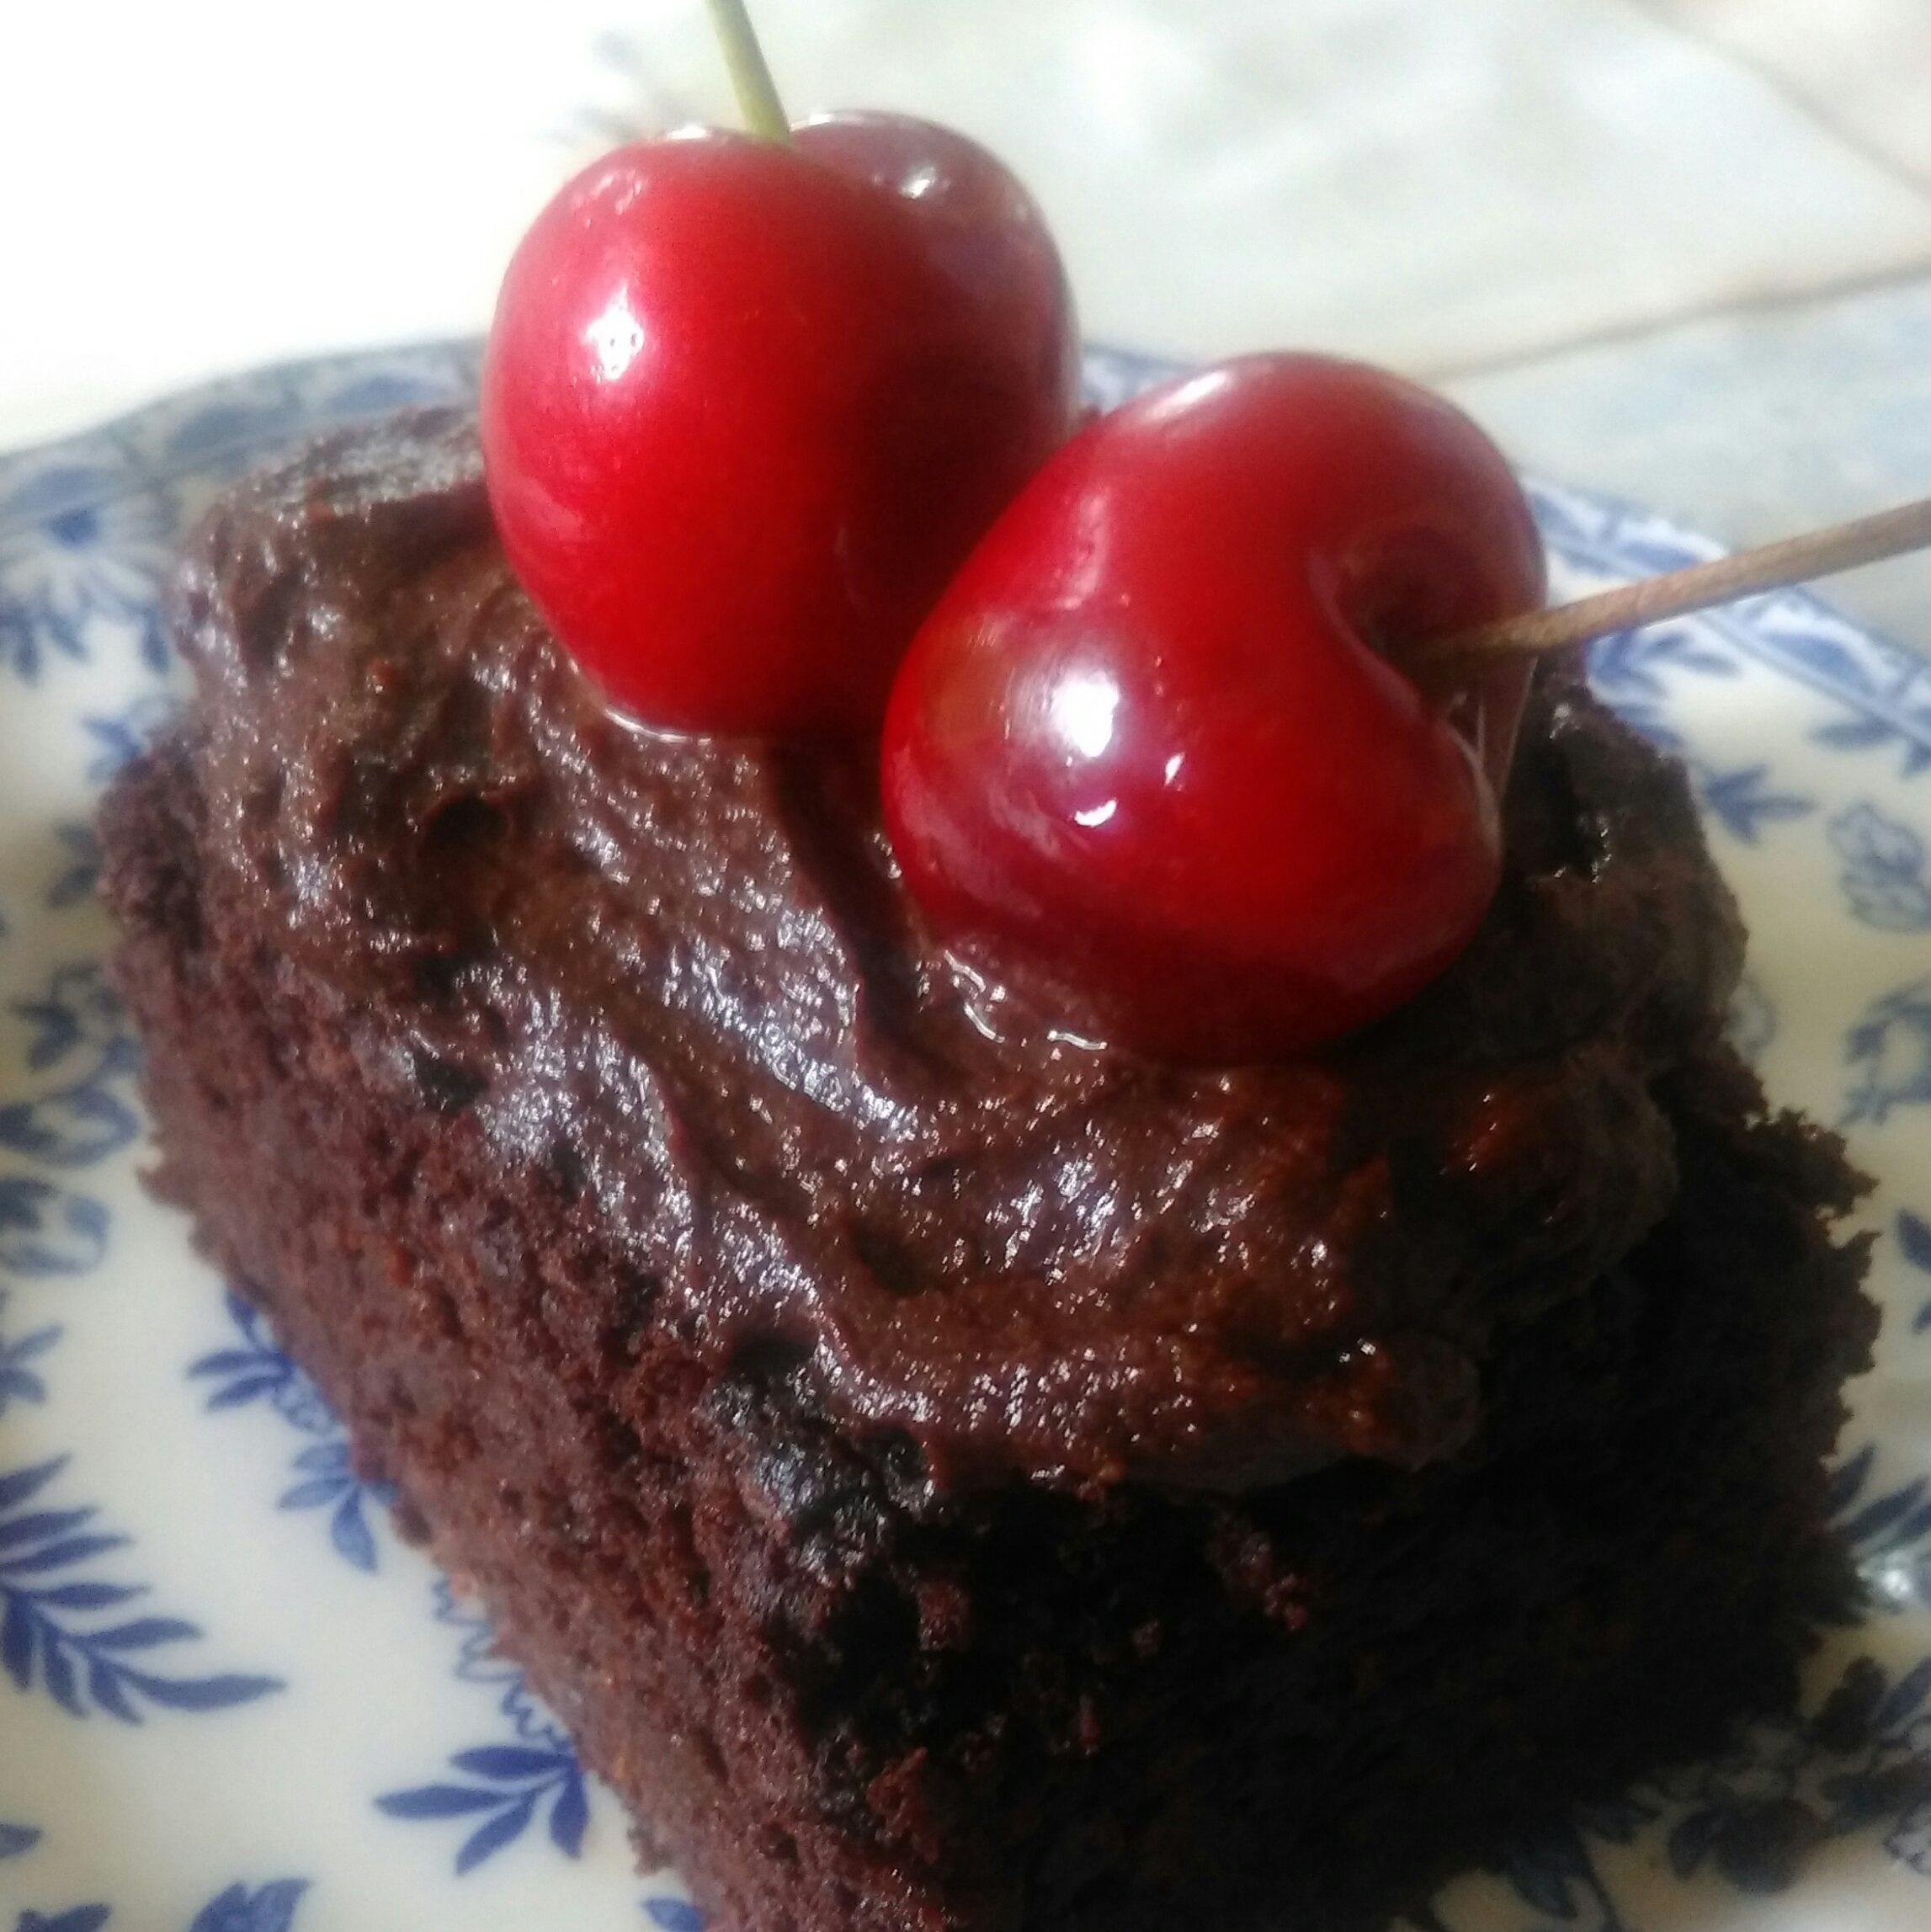 Sugar, dairy and grain free choc cake 2